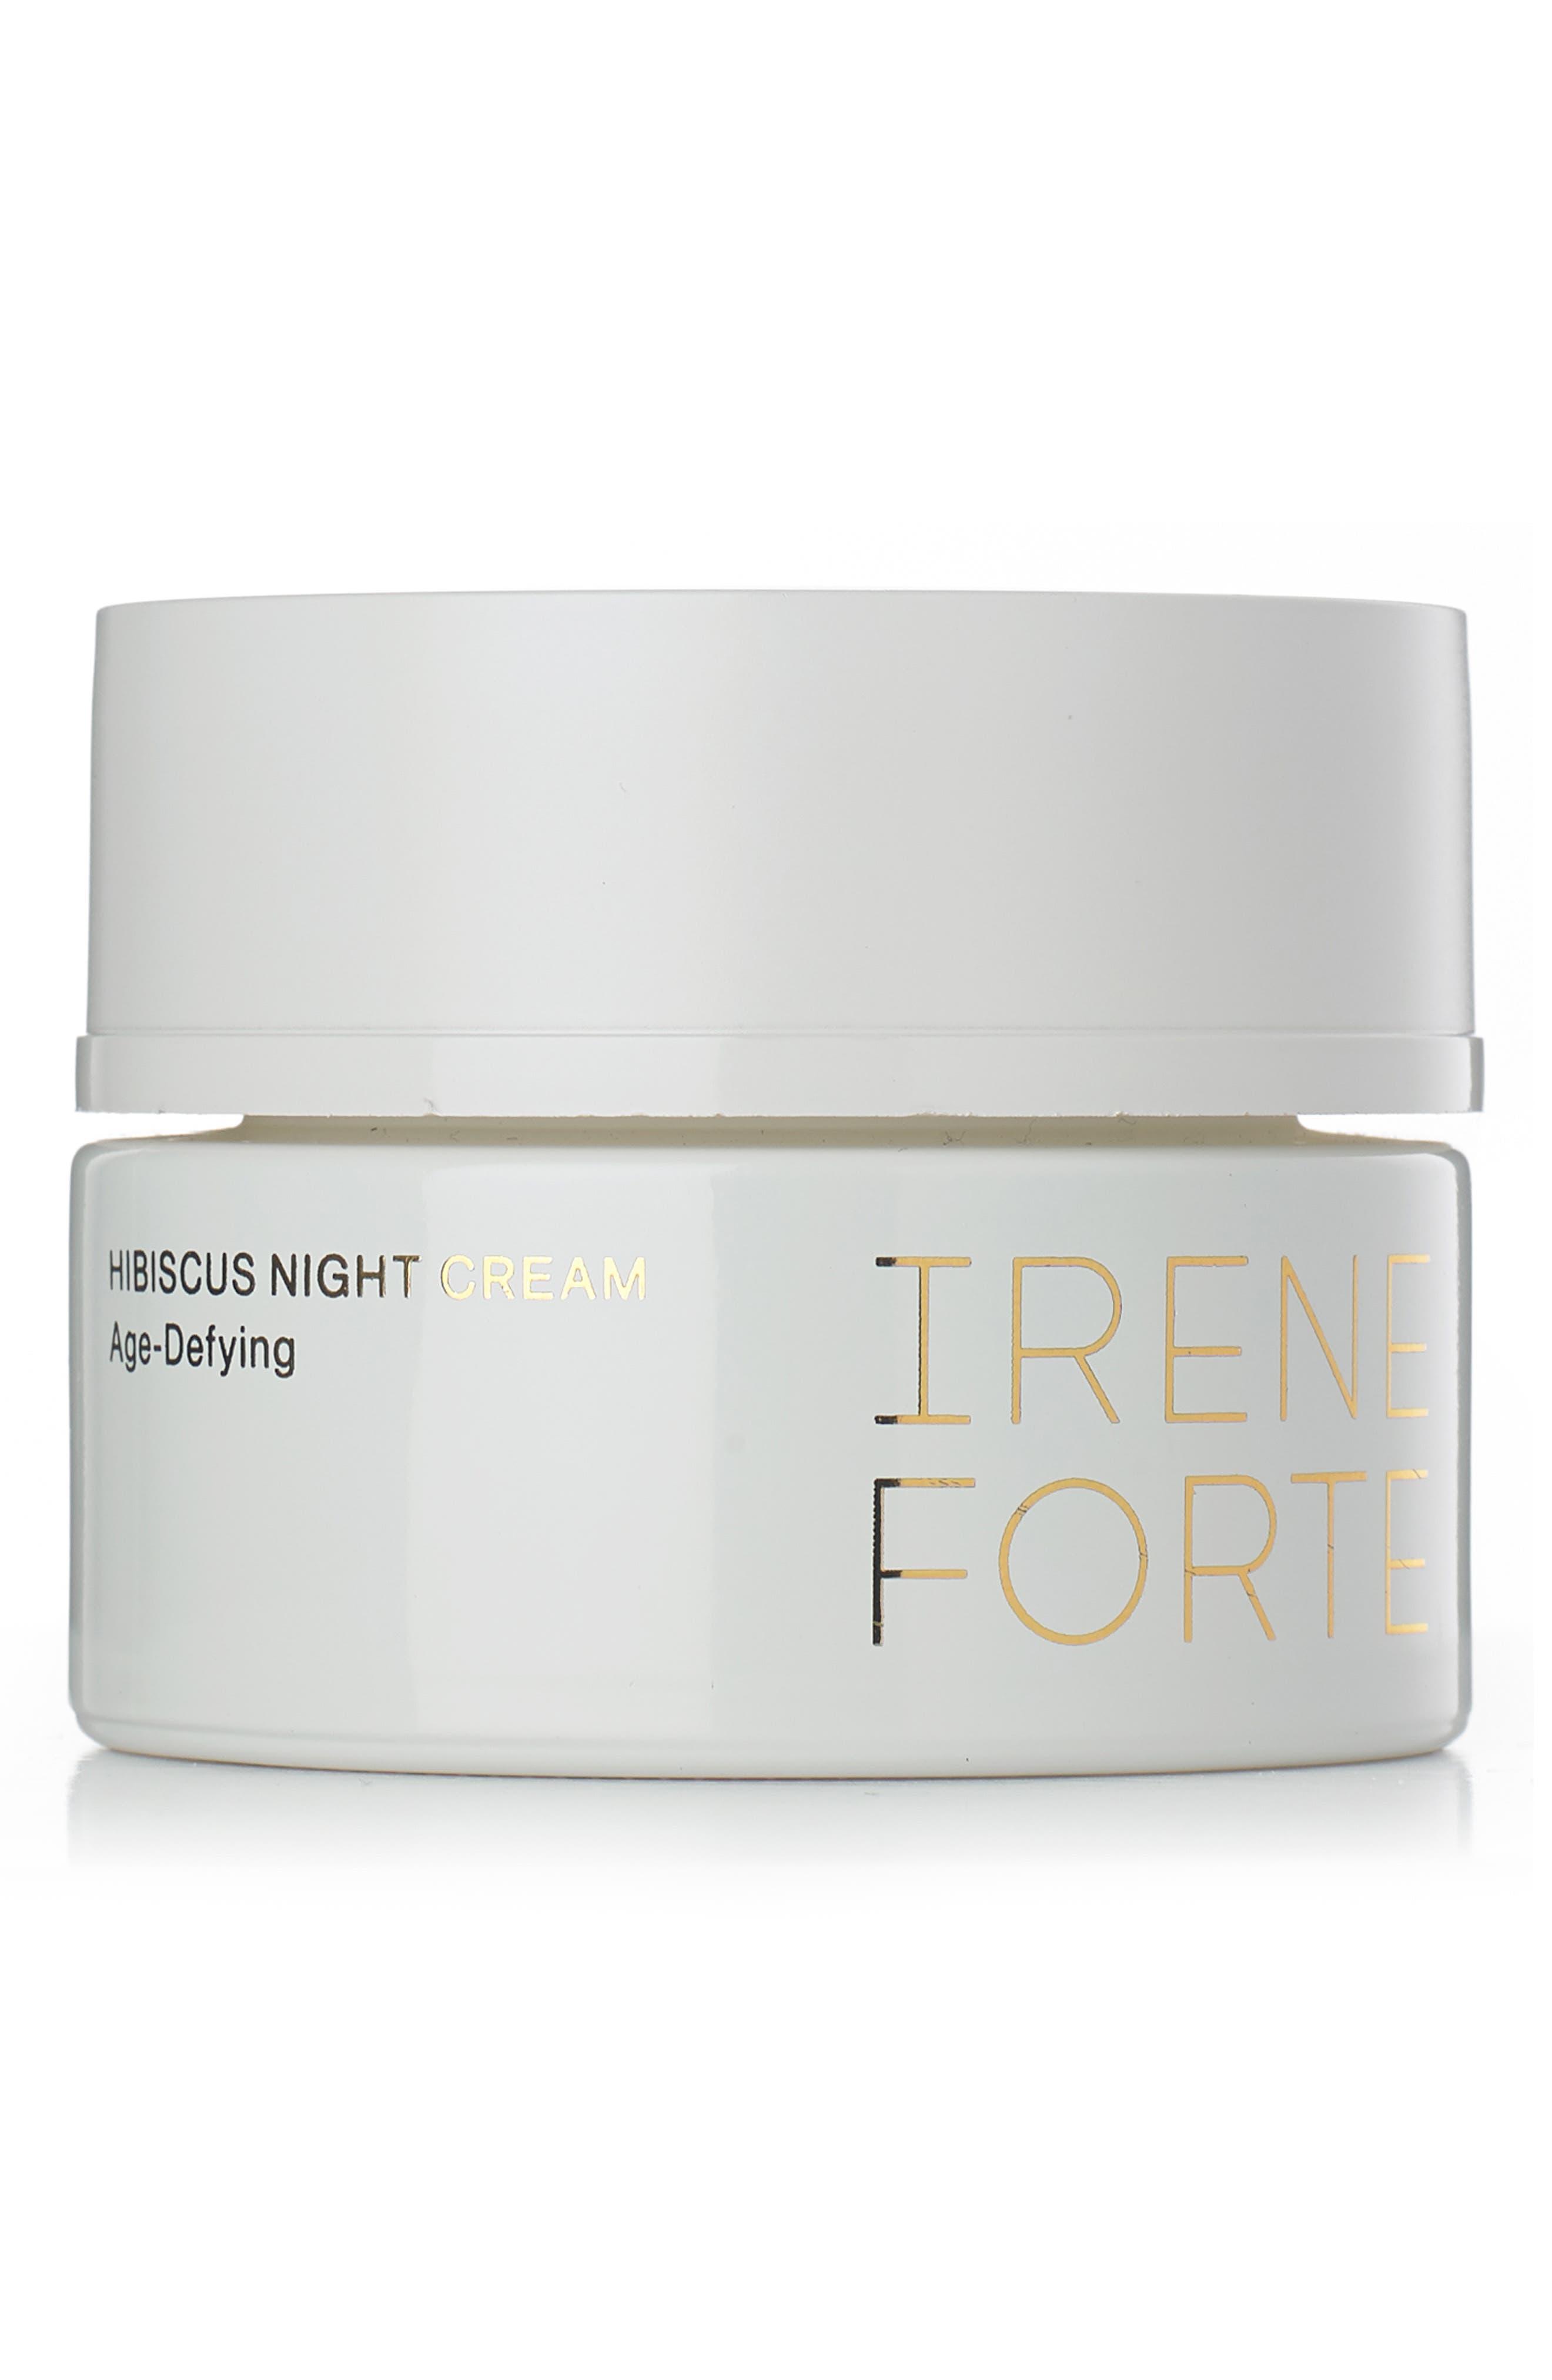 Hibiscus Night Cream